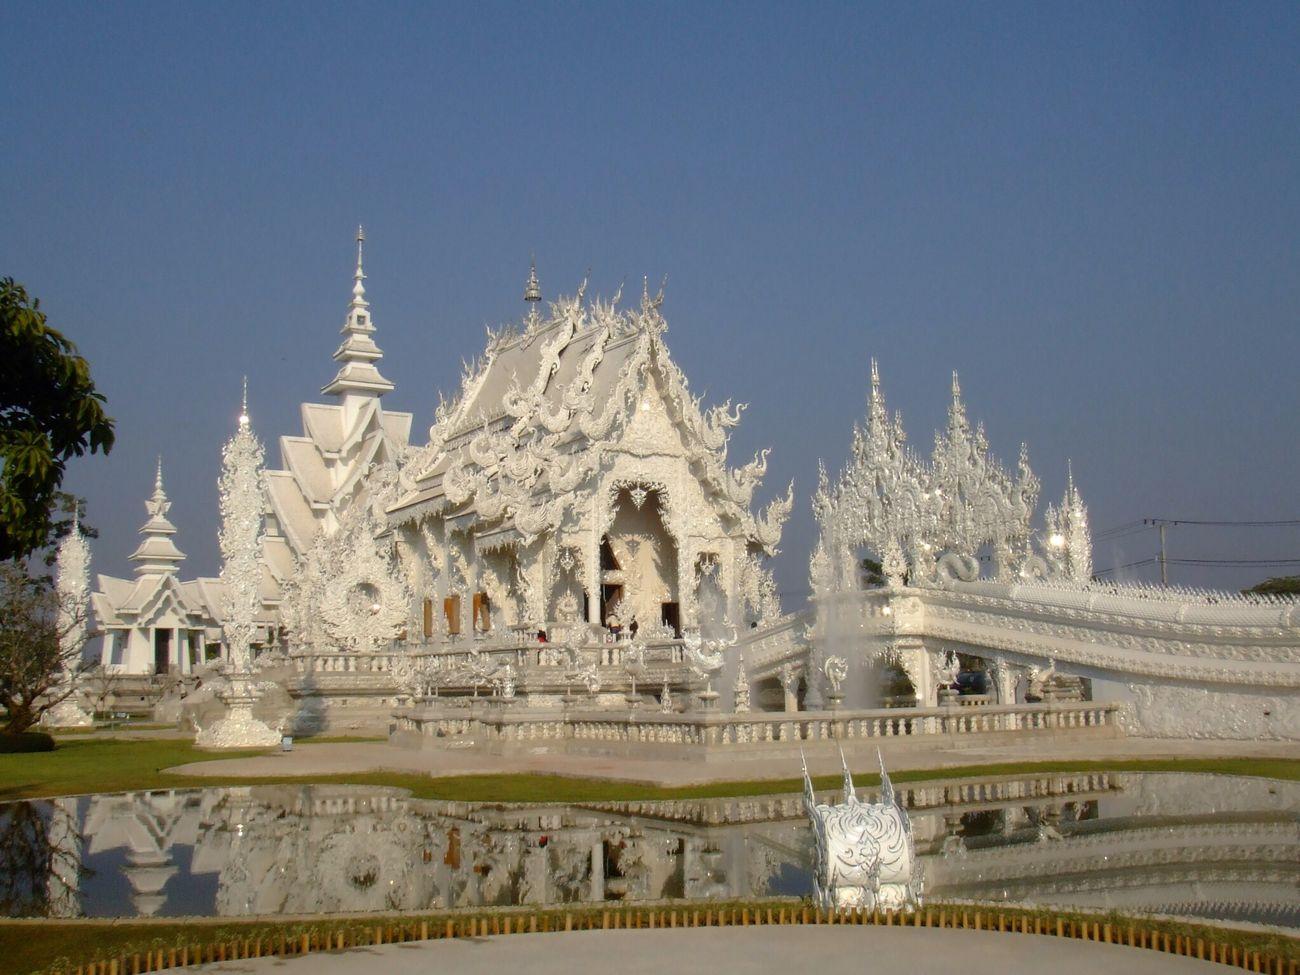 วัดร่องขุ่น / Wat Rong Khun Chiangrai Thailand Temple